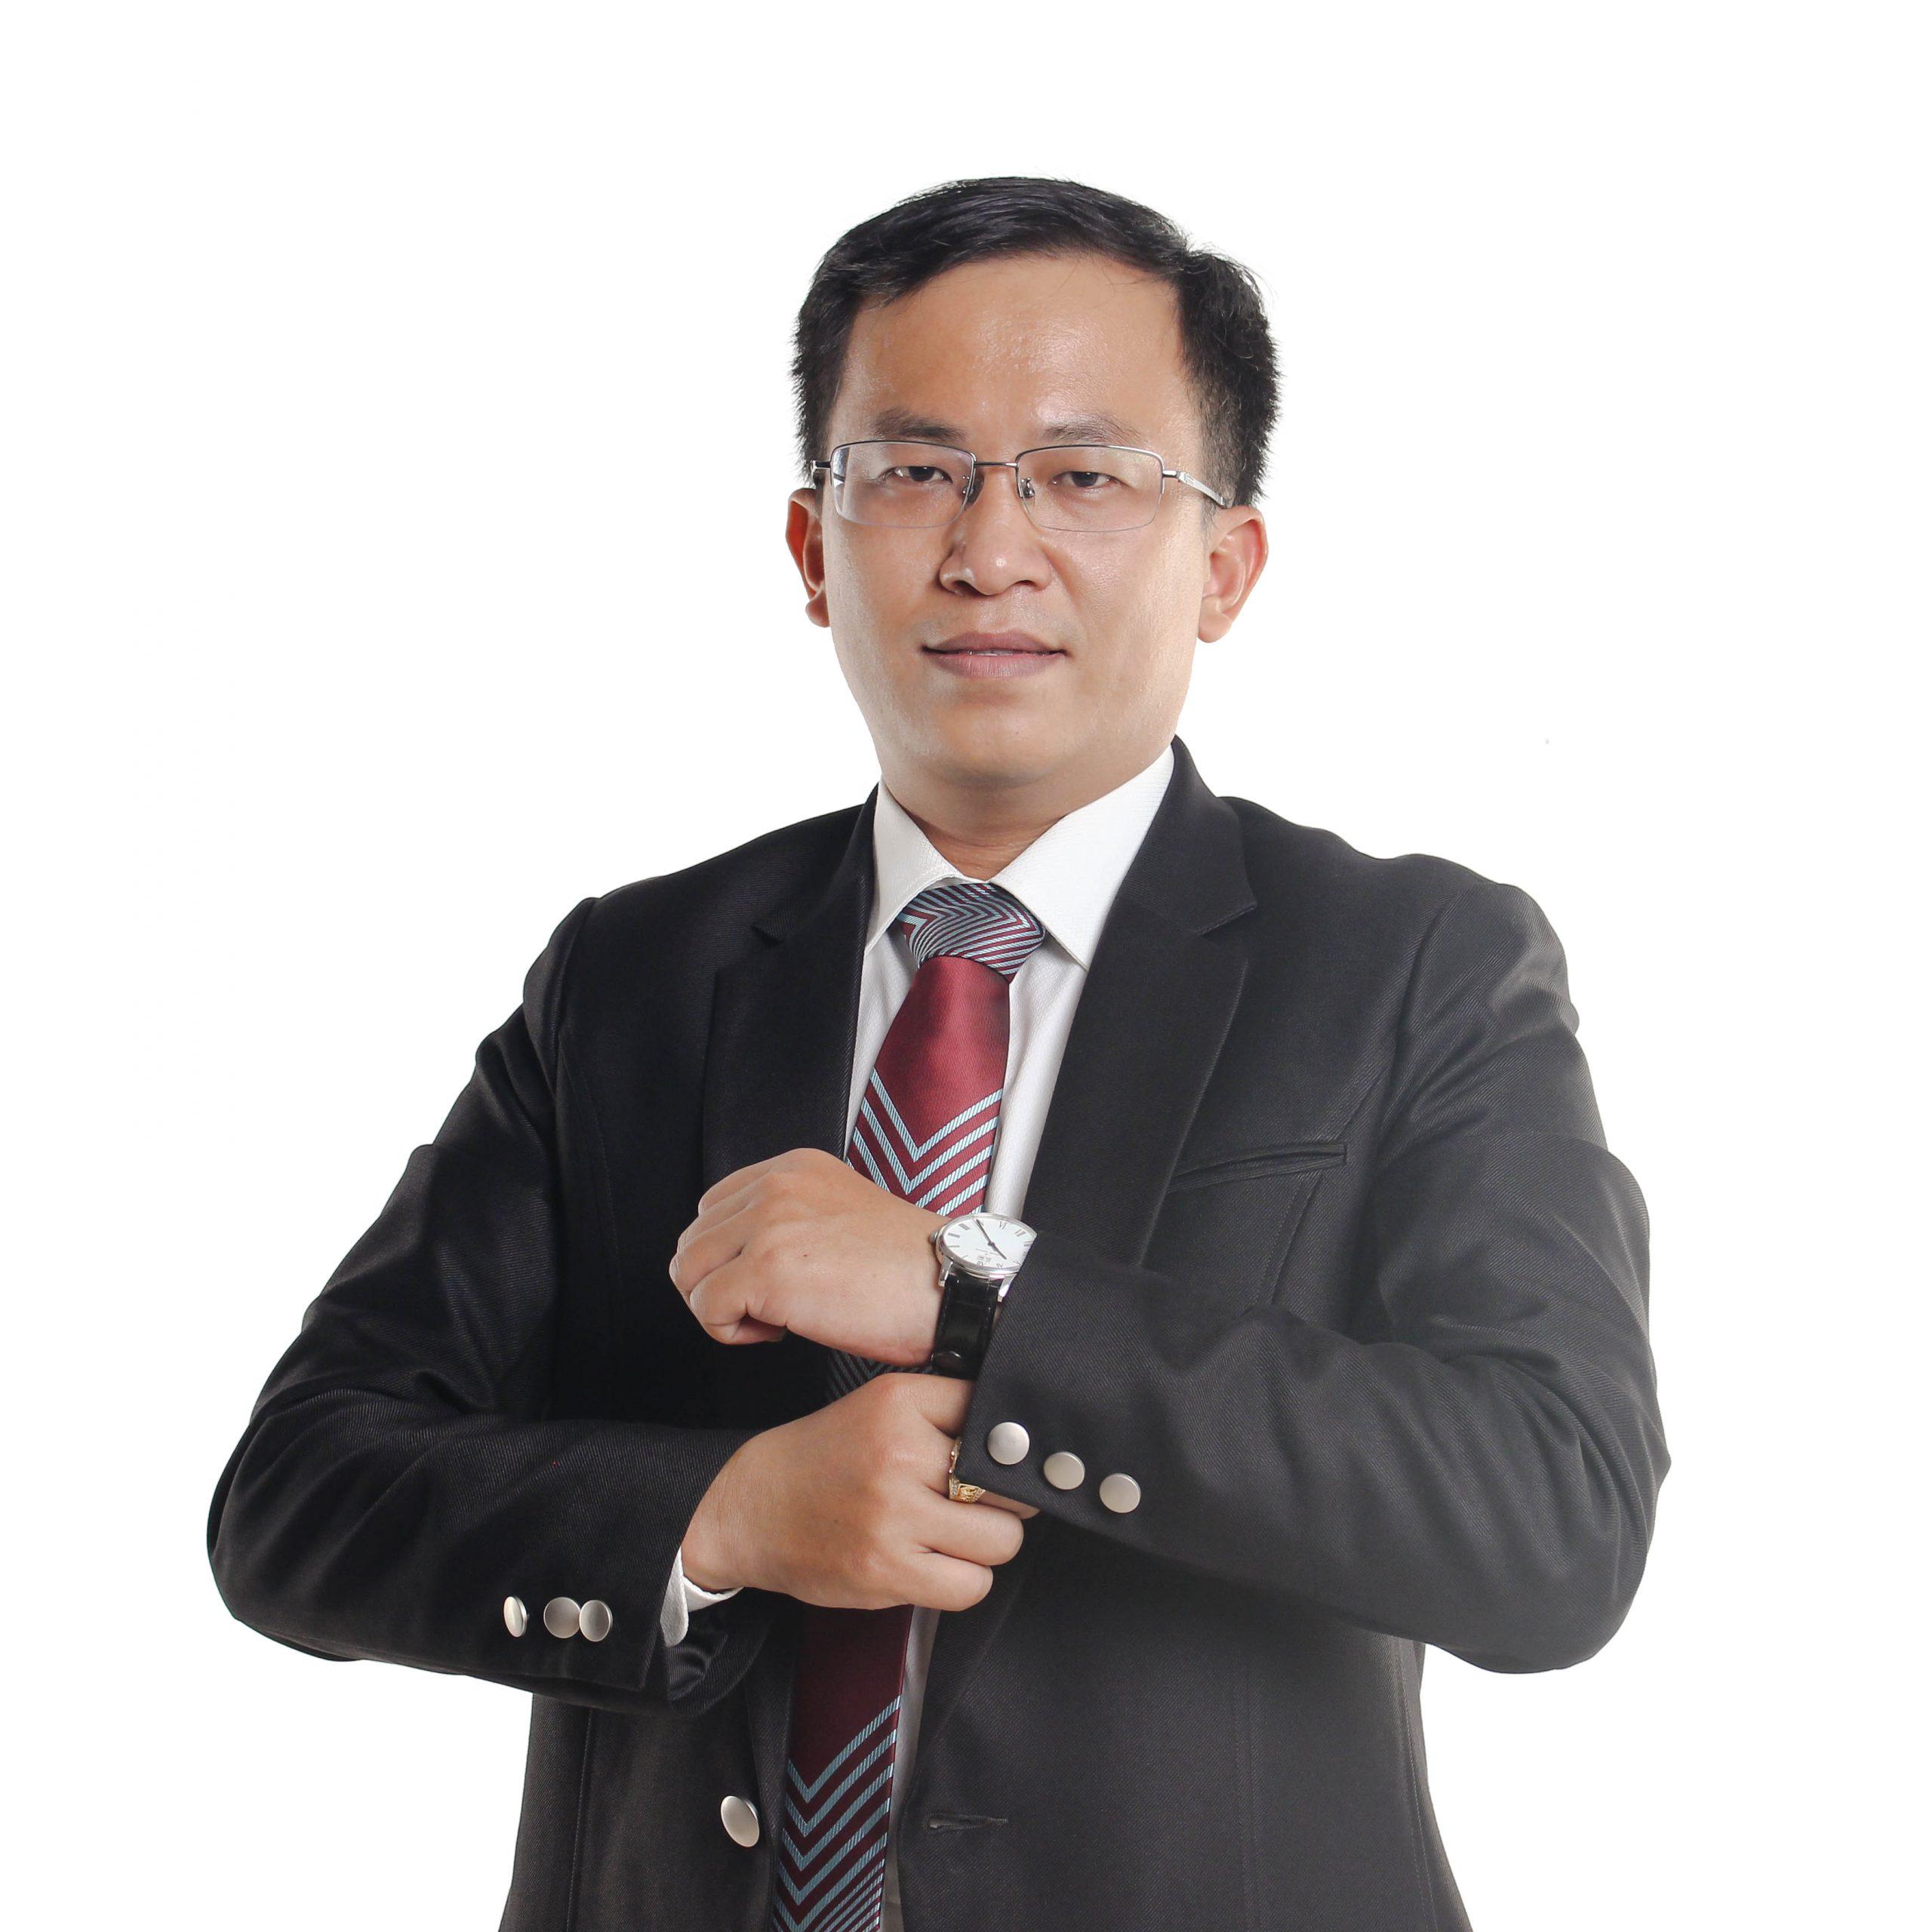 Luật sư Nguyễn Đức Hoàng – Chuyên nghiệp, đáng tin cậy!